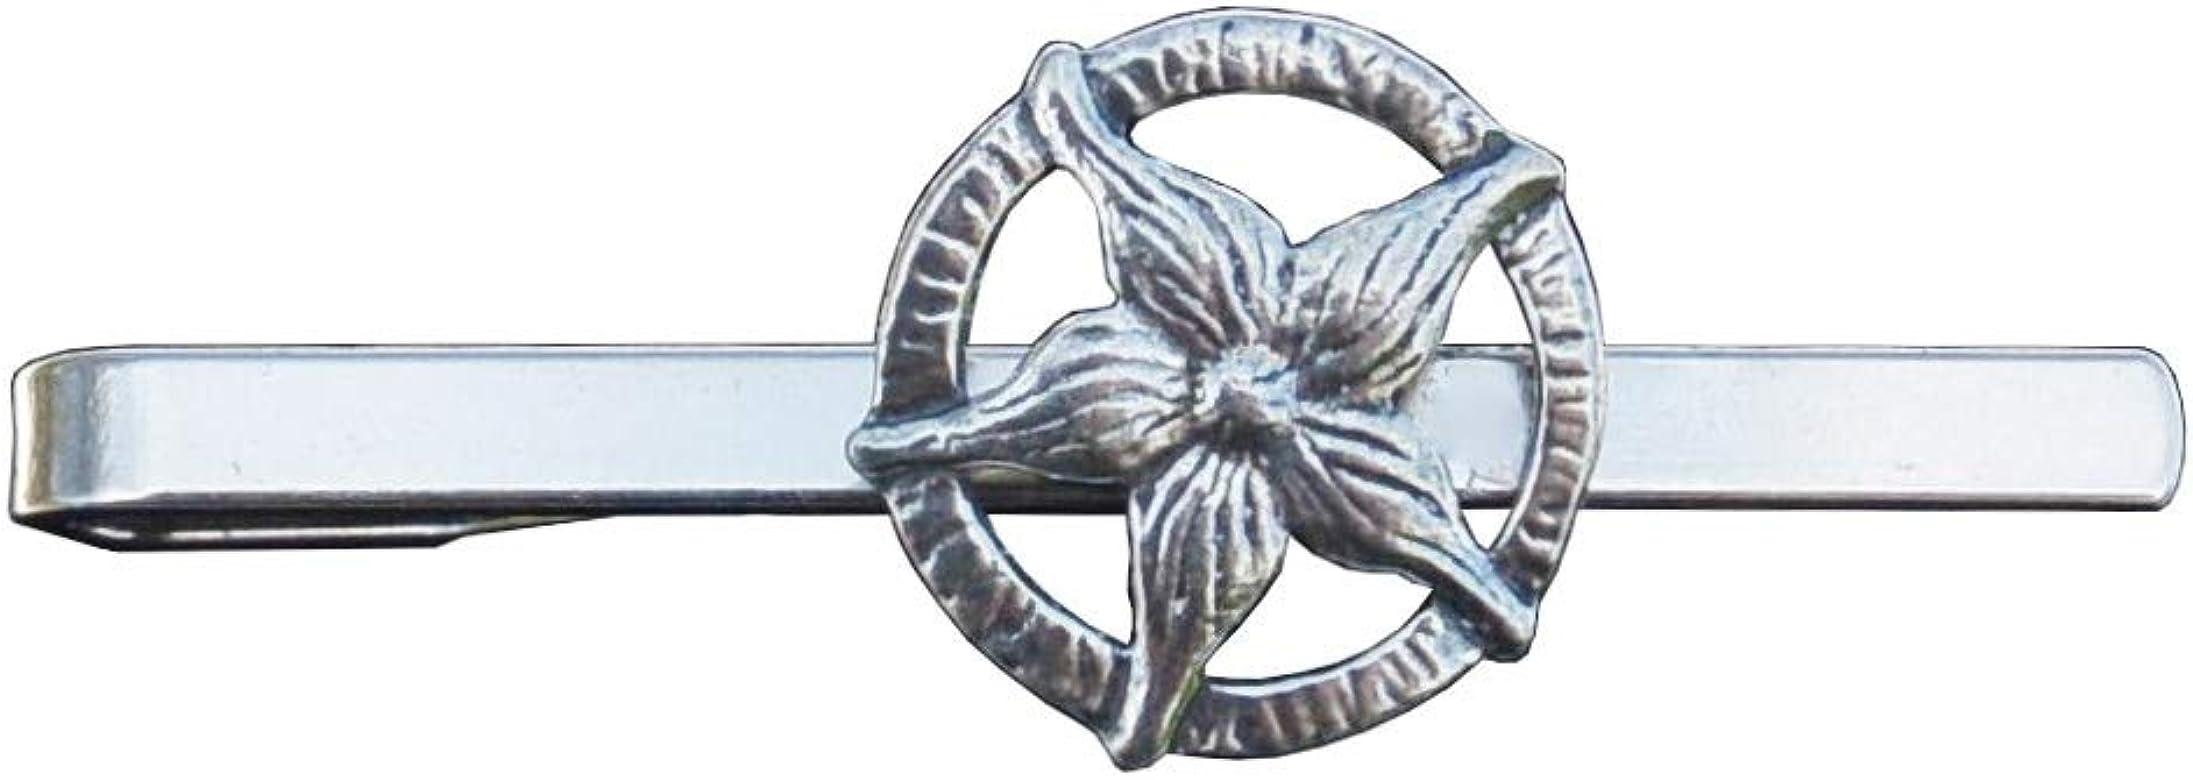 Kiwi Pinza de corbata Edelweis – hecho a mano en Estaño – Creación ...